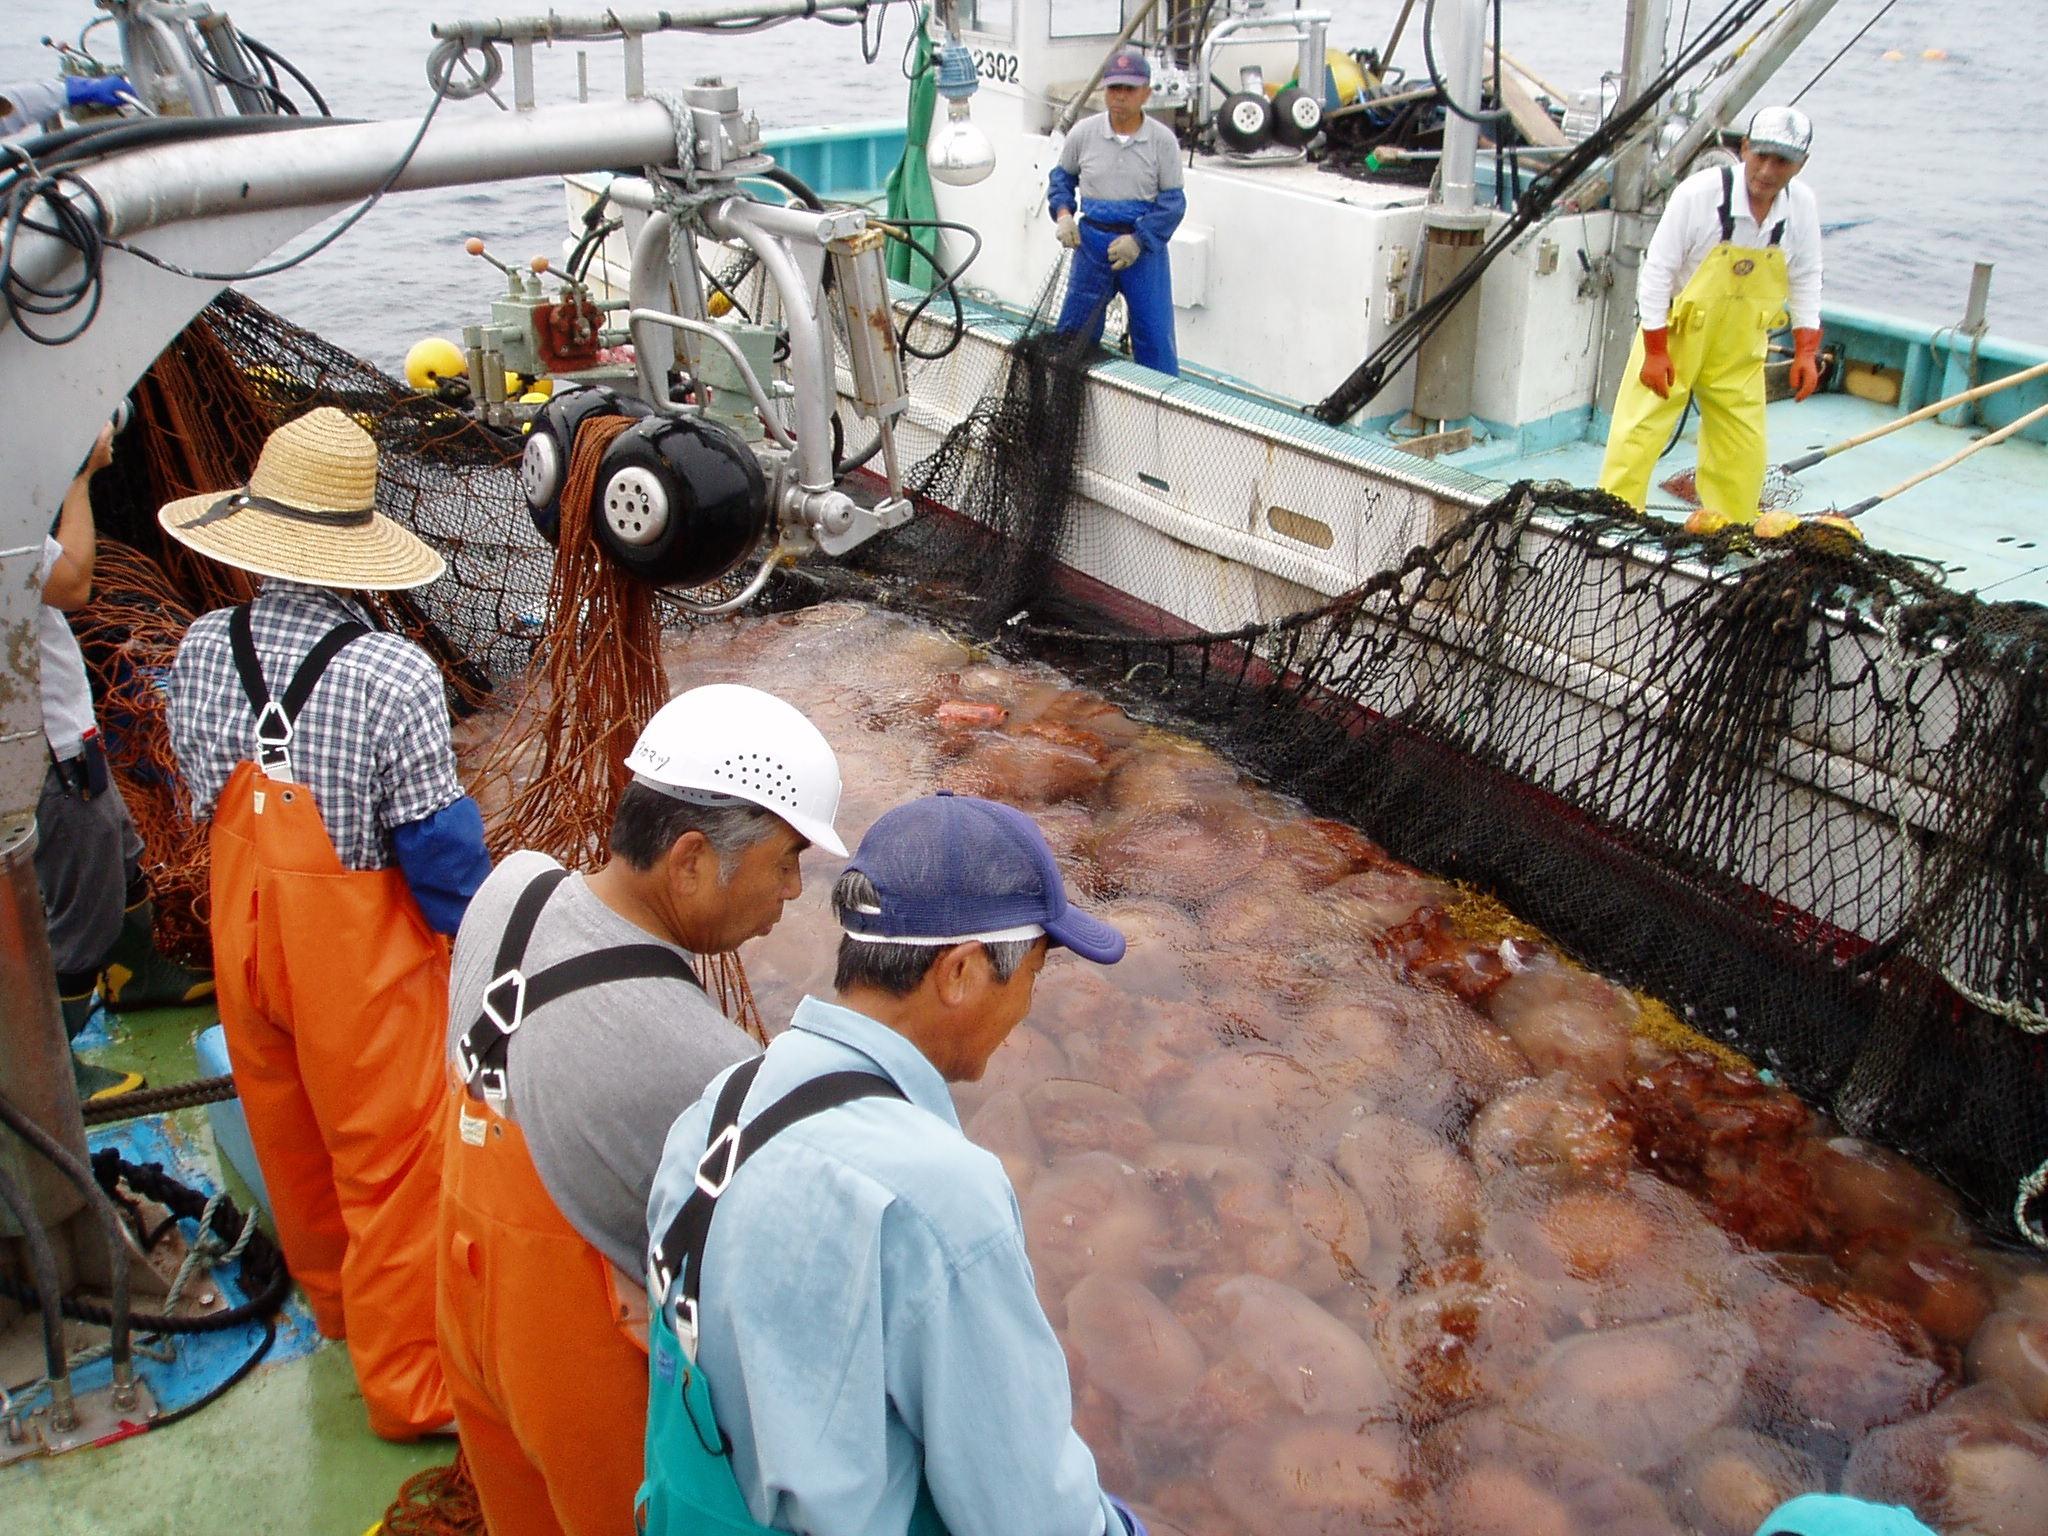 На ловле медуз в Таиланде можно заработать до 10 тысяч батов в день